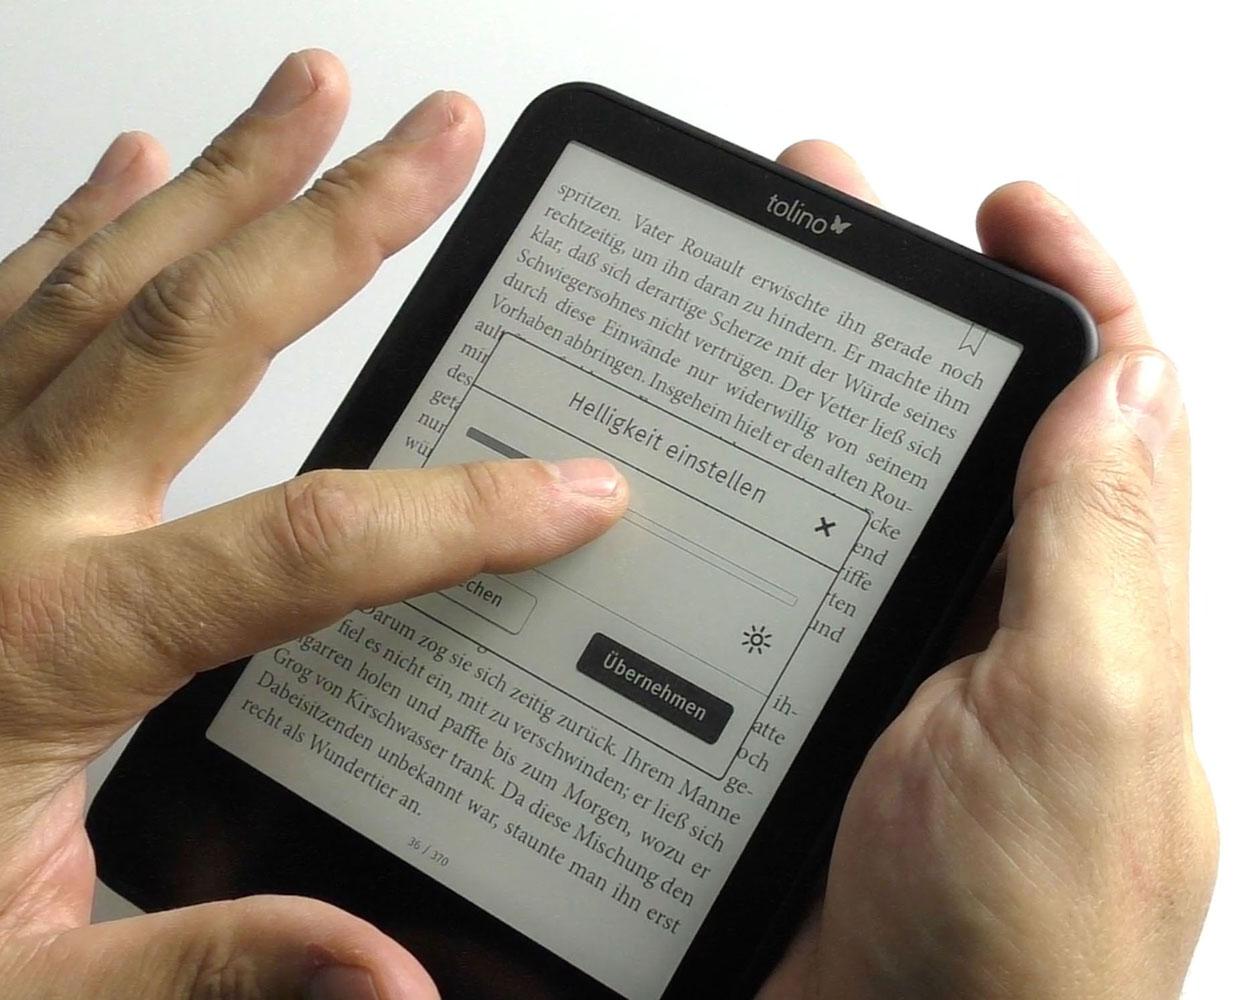 Awesome Die Beleuchtung Ist Stufenlos Verstellbar With Ebook Reader